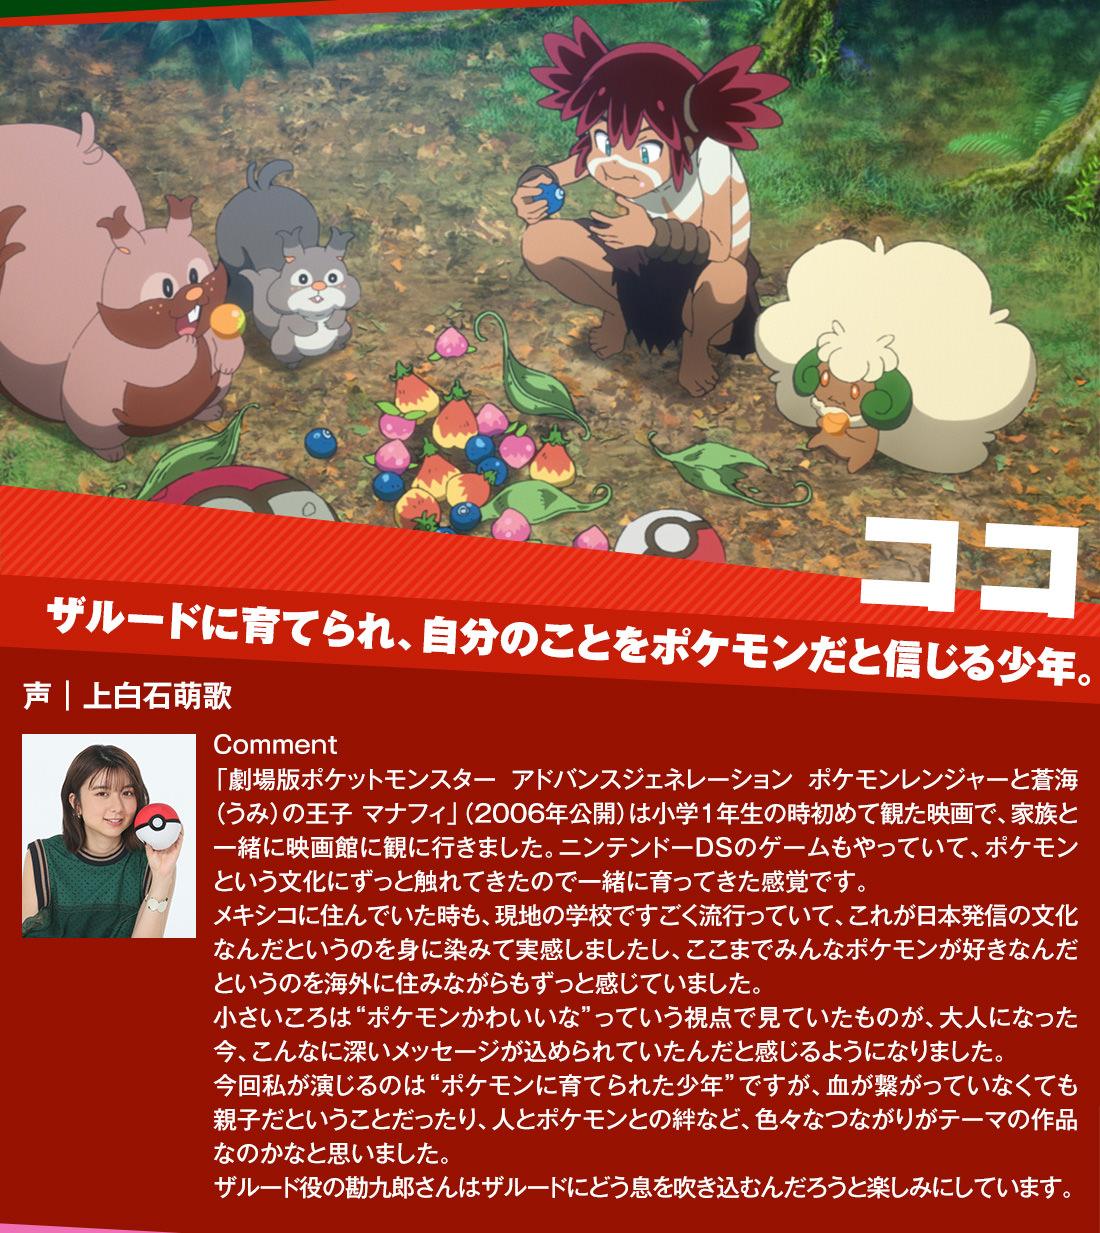 ポケモン映画公式サイト「劇場版ポケットモンスター ココ」│ポケモン&キャラクター